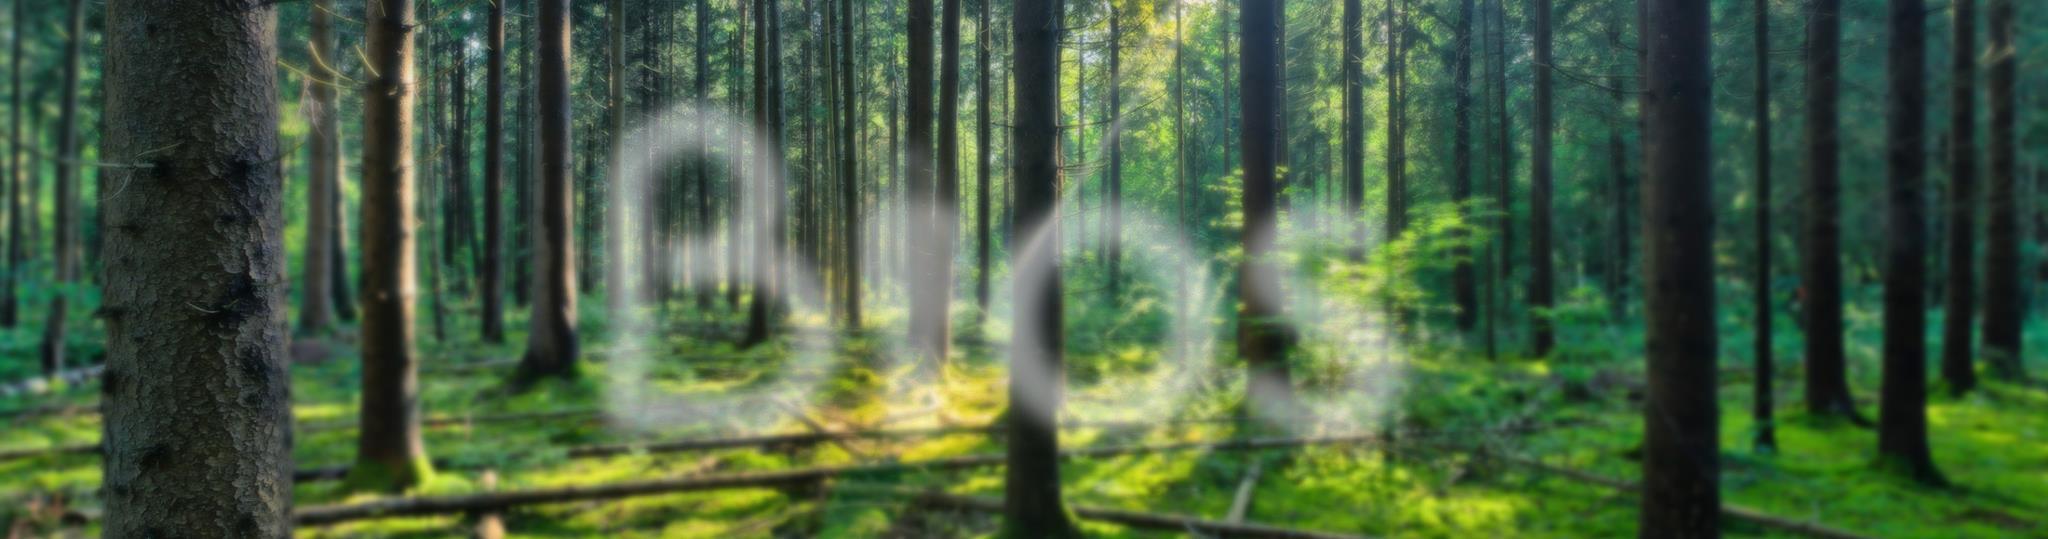 Bios, e rinasci albero